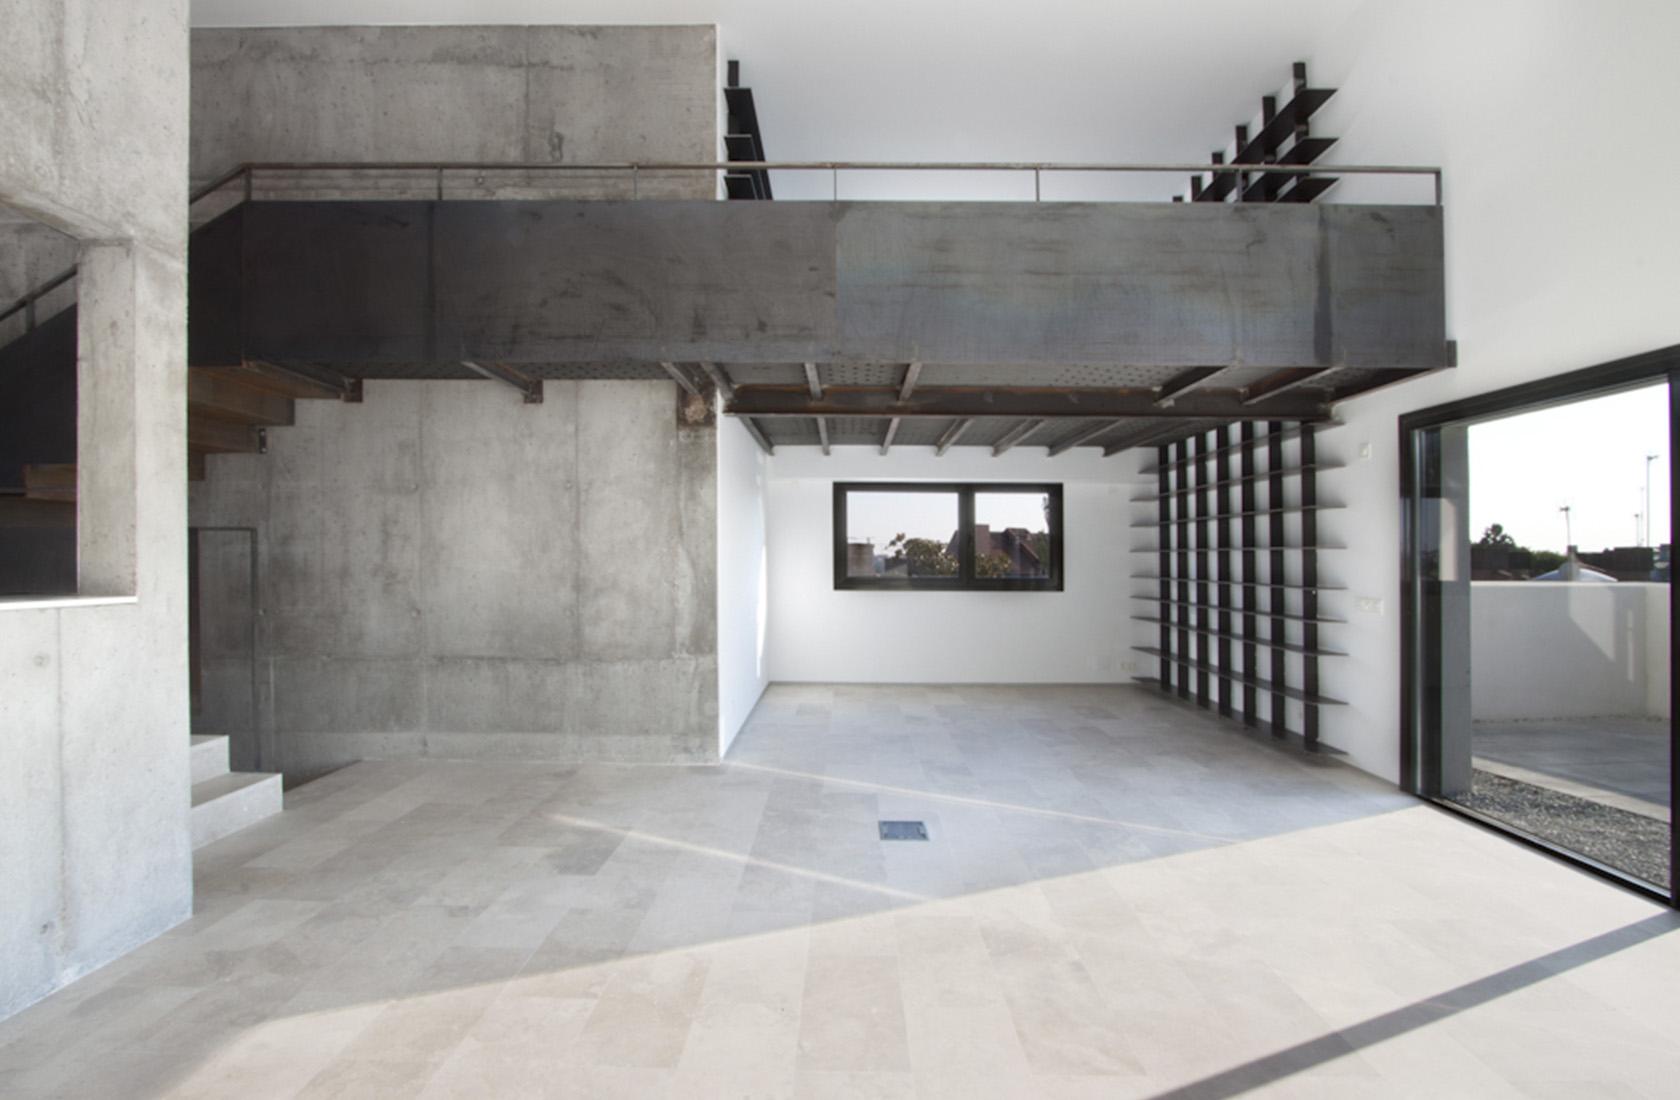 Promocion viviendas aravaca doble altura